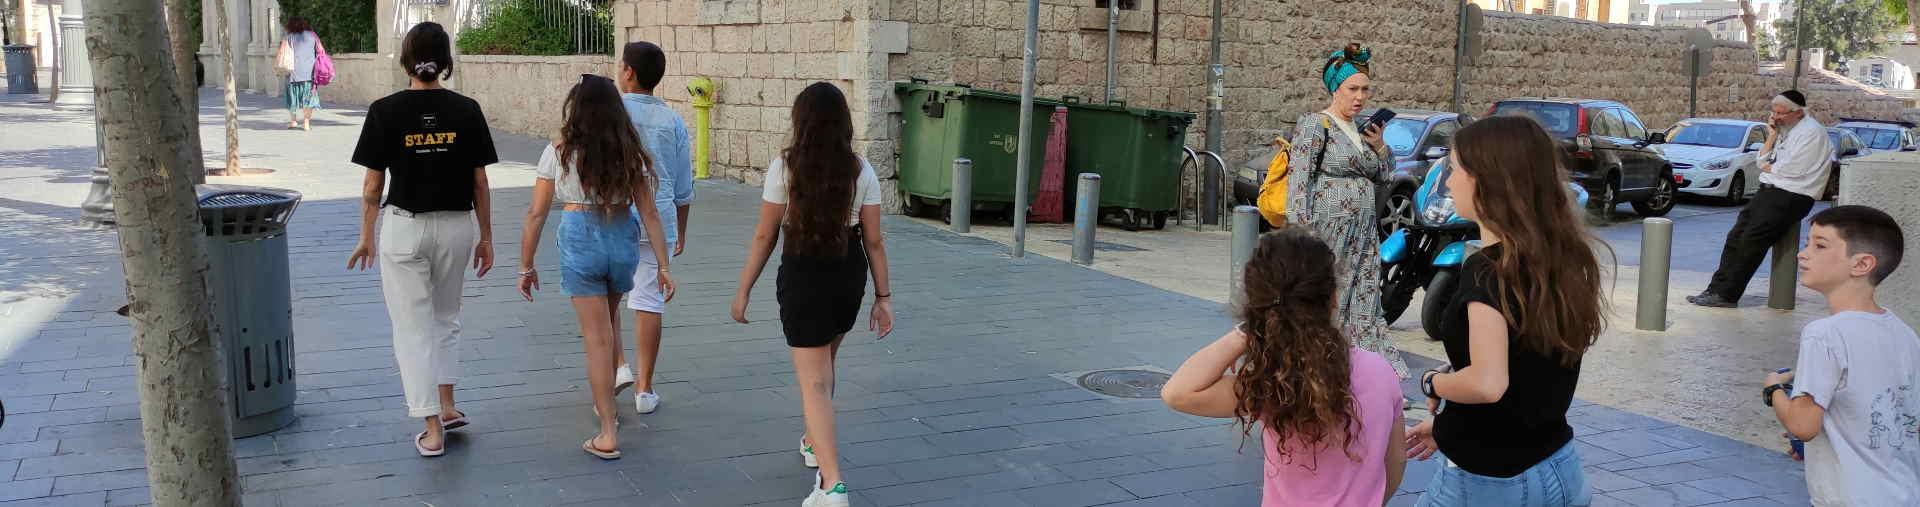 ילדות משתתפות בסיור גרפיטי בירושלים